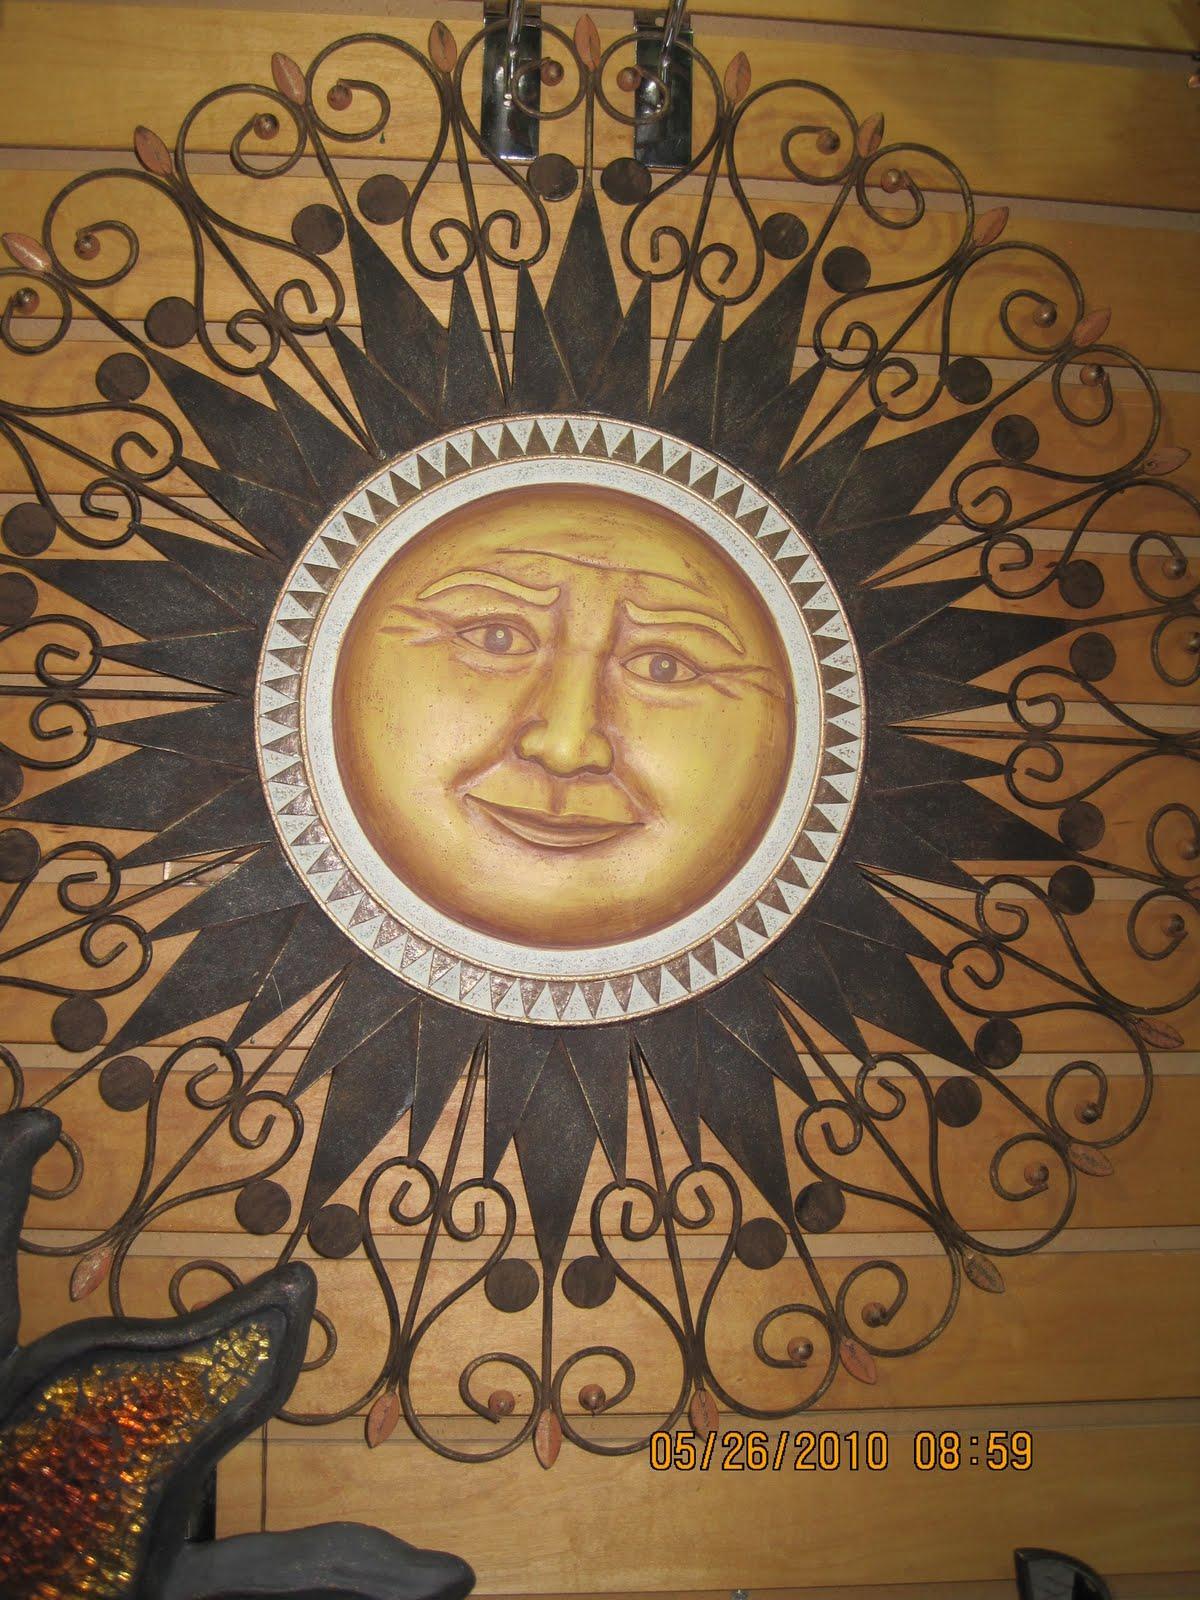 http://2.bp.blogspot.com/_Sei77cRaojA/TH8UQqBefPI/AAAAAAAAA2g/_DTI9BstRqc/s1600/Soulilliere+5-+26-+Sun-2010+002.jpg